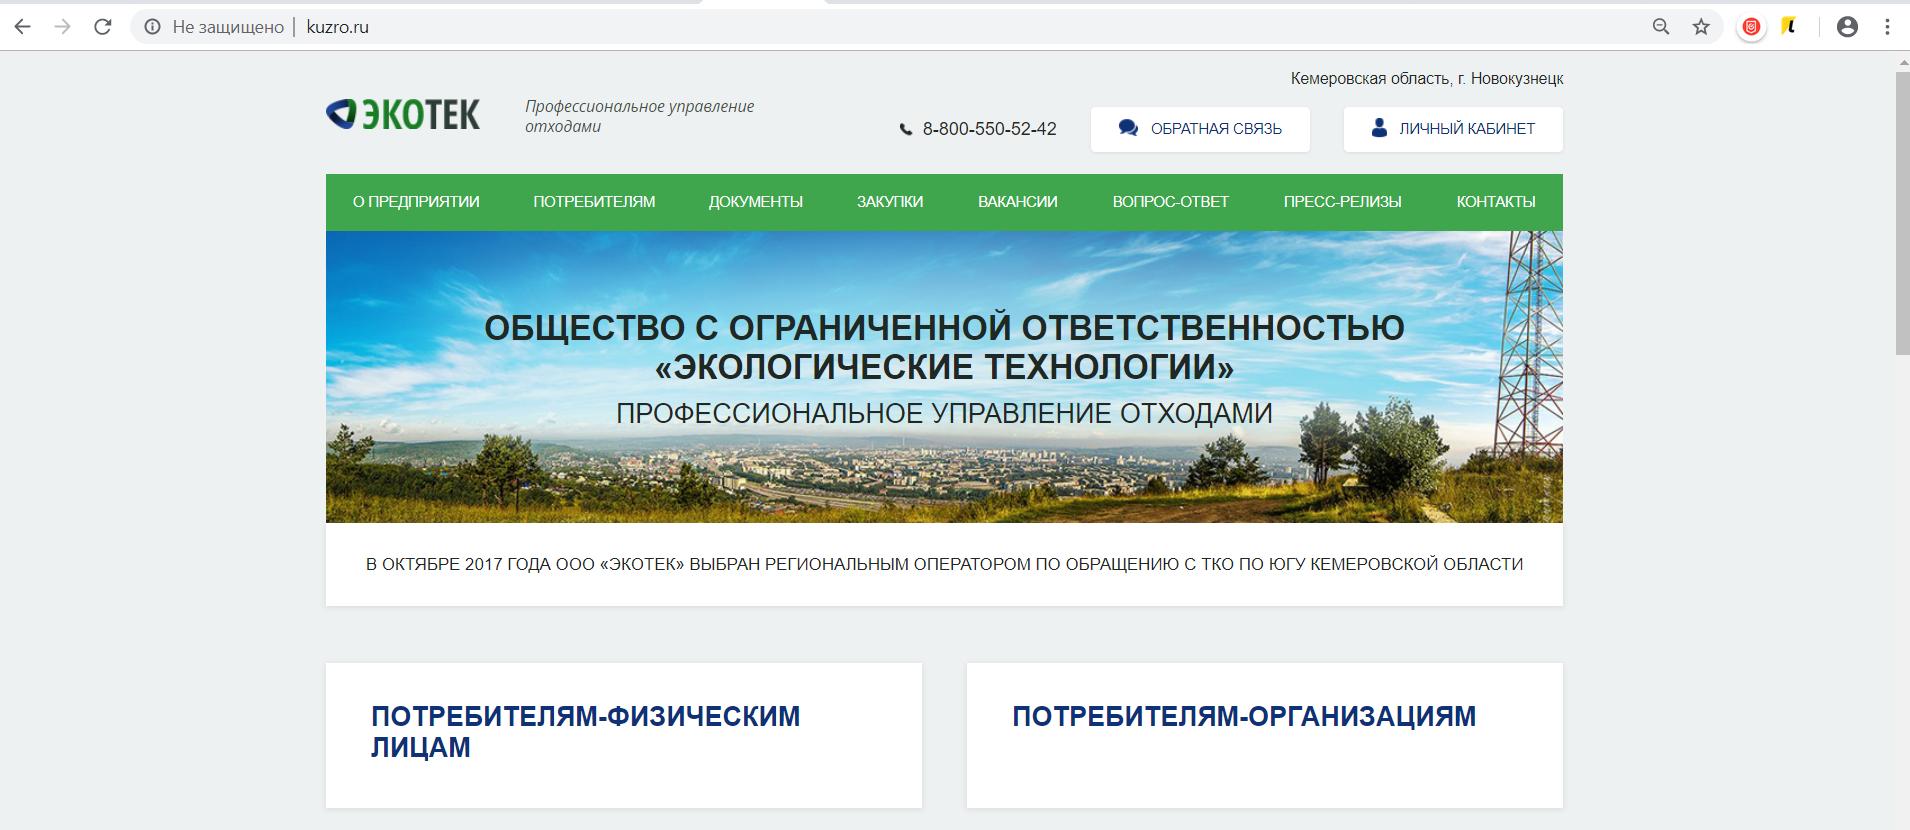 Региональный оператор ТКО Кемеровской области